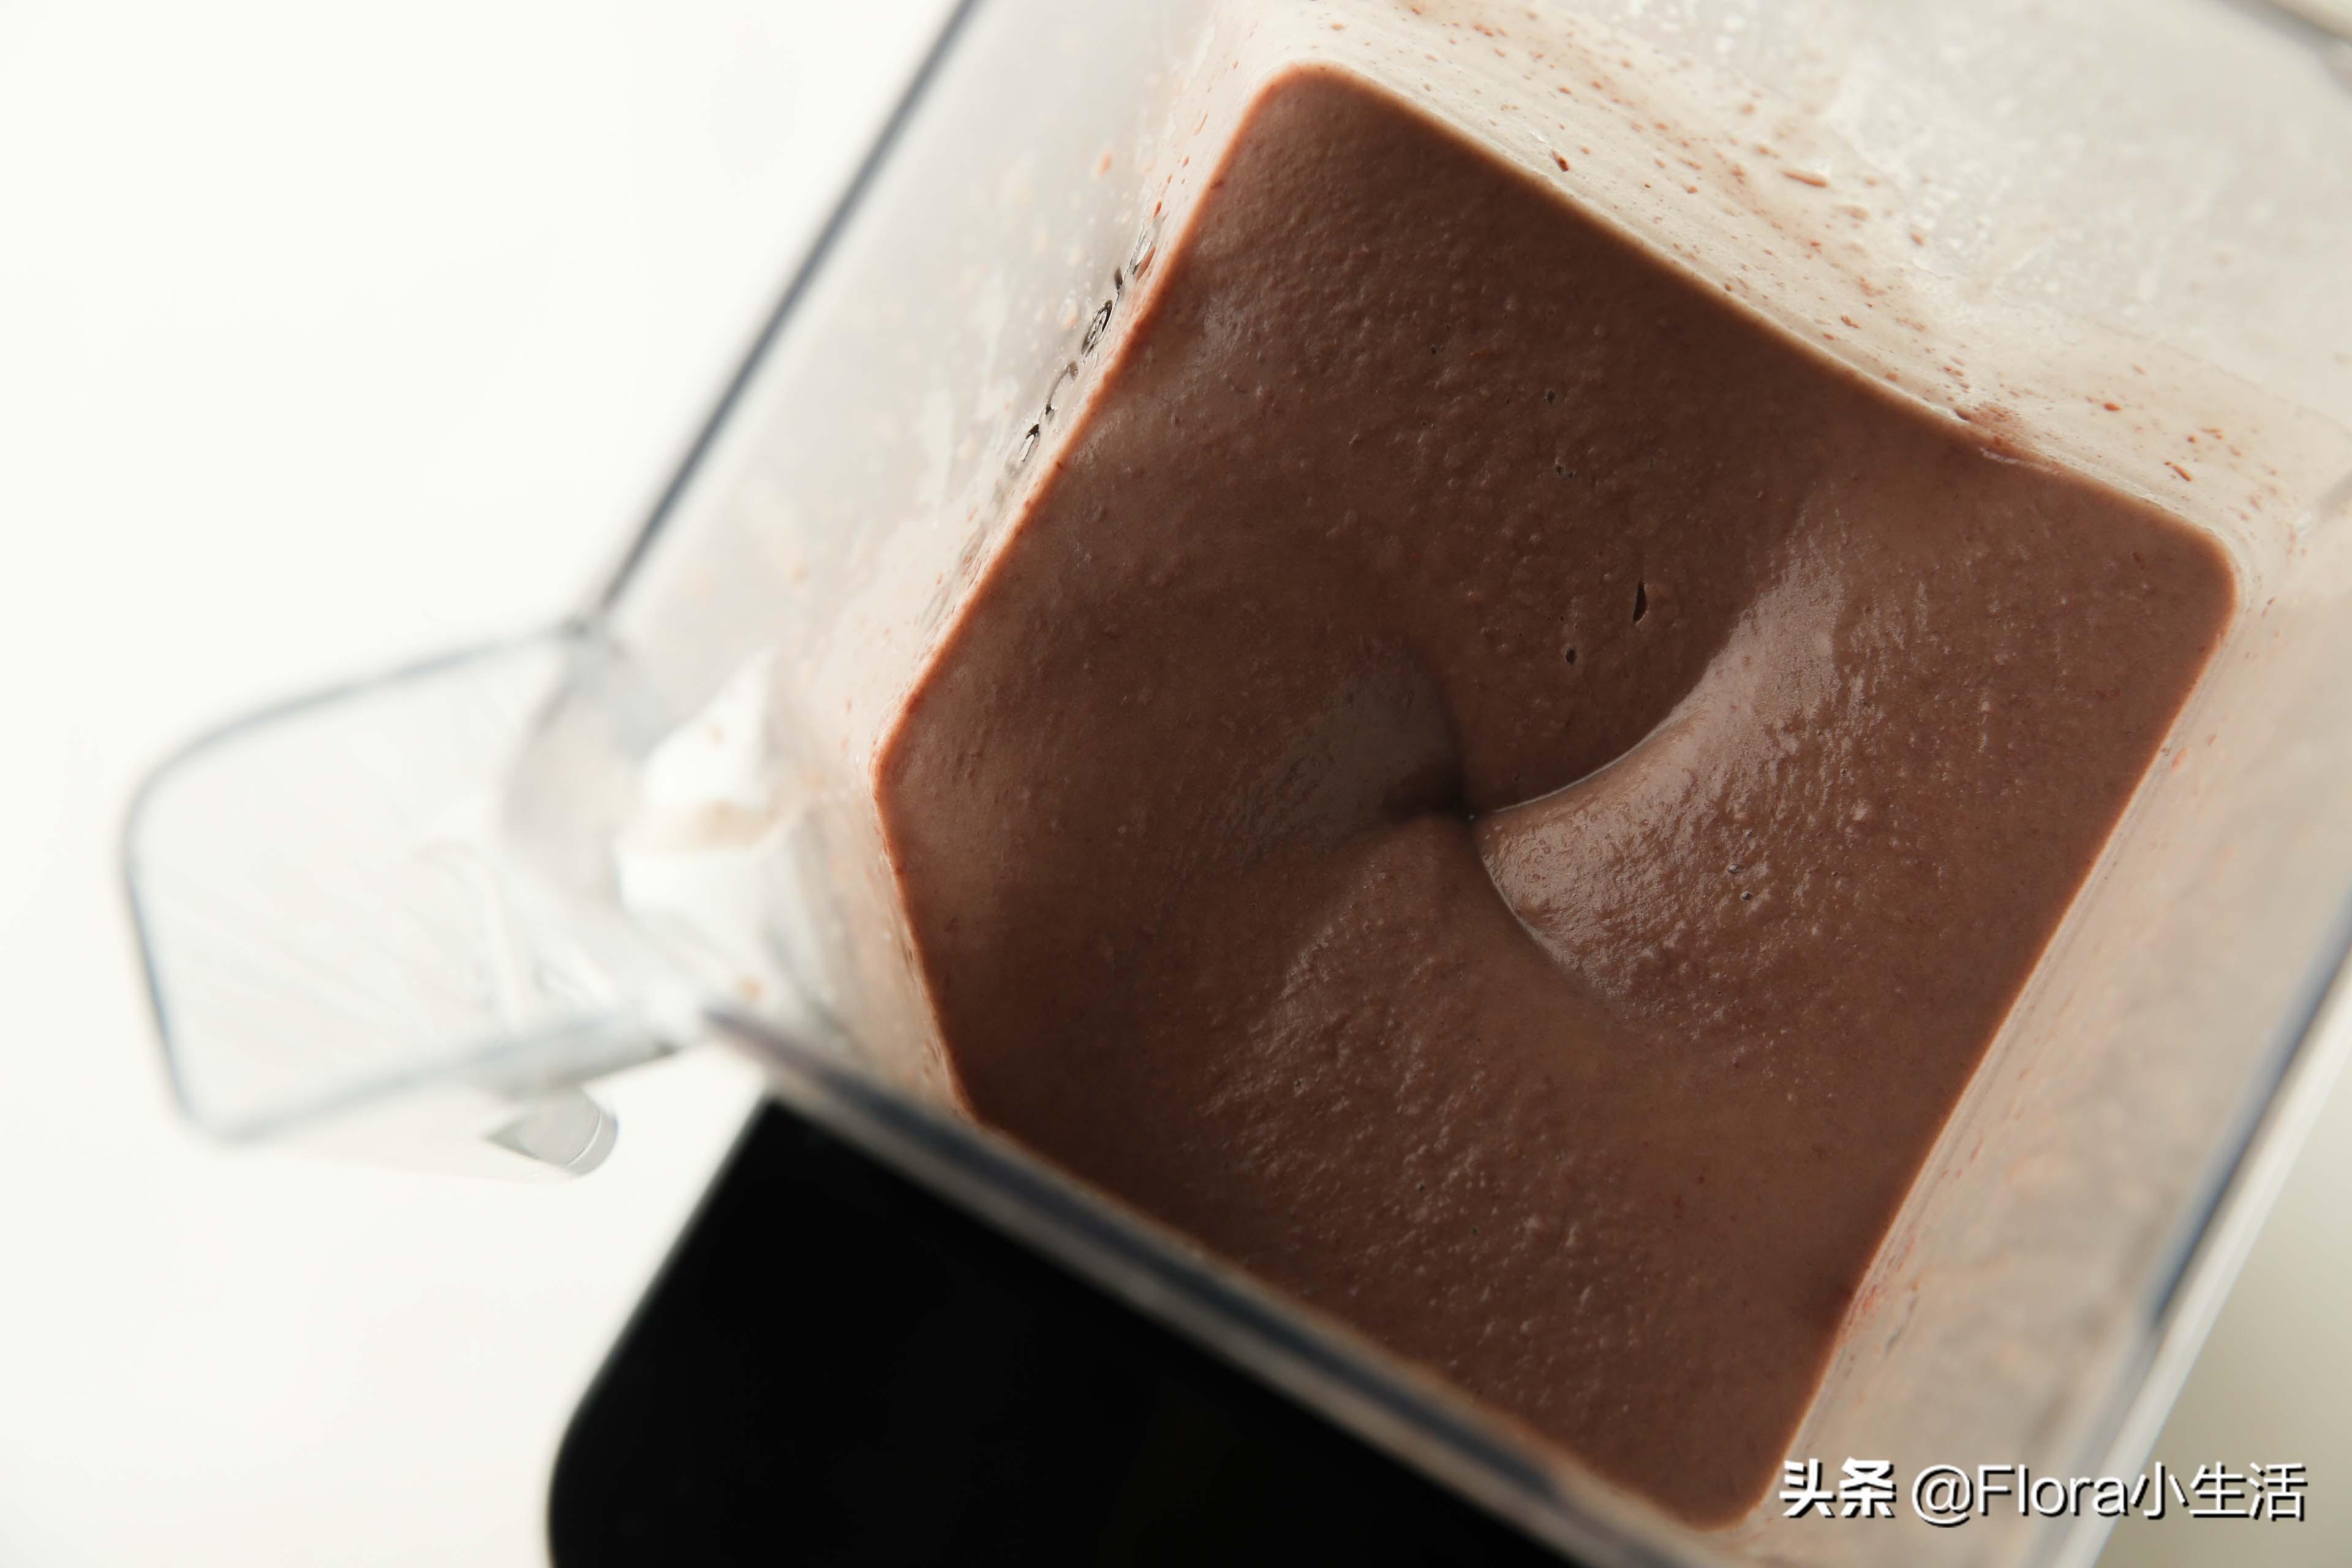 桂香豆沙小圆子,一道治愈系美食